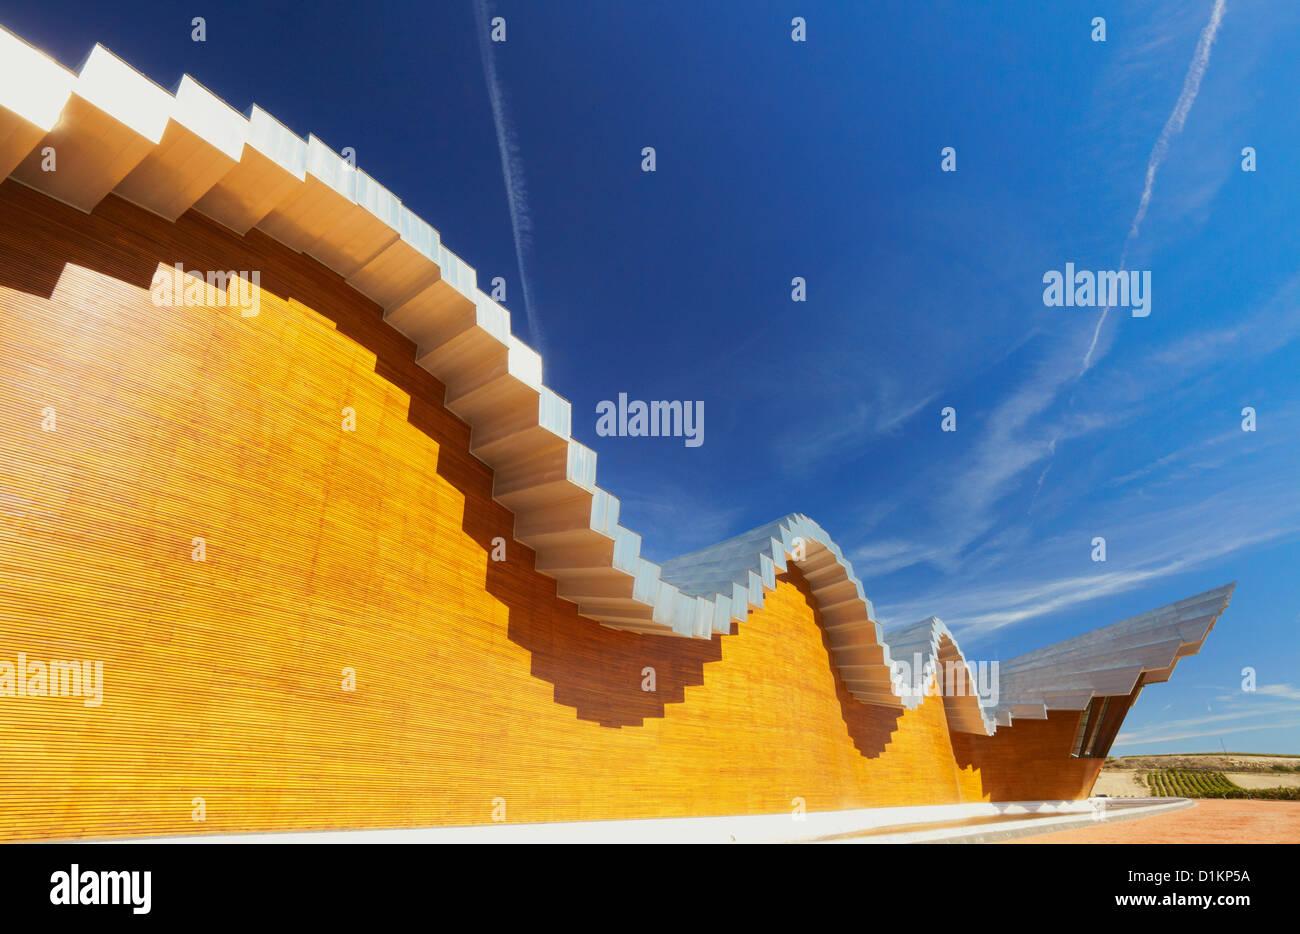 Ysios Weingut vom Architekten Santiago Calatrava. LaGuardia. Rioja Alavesa Wein Route. Alava. Baskisches Land. Spanien Stockbild